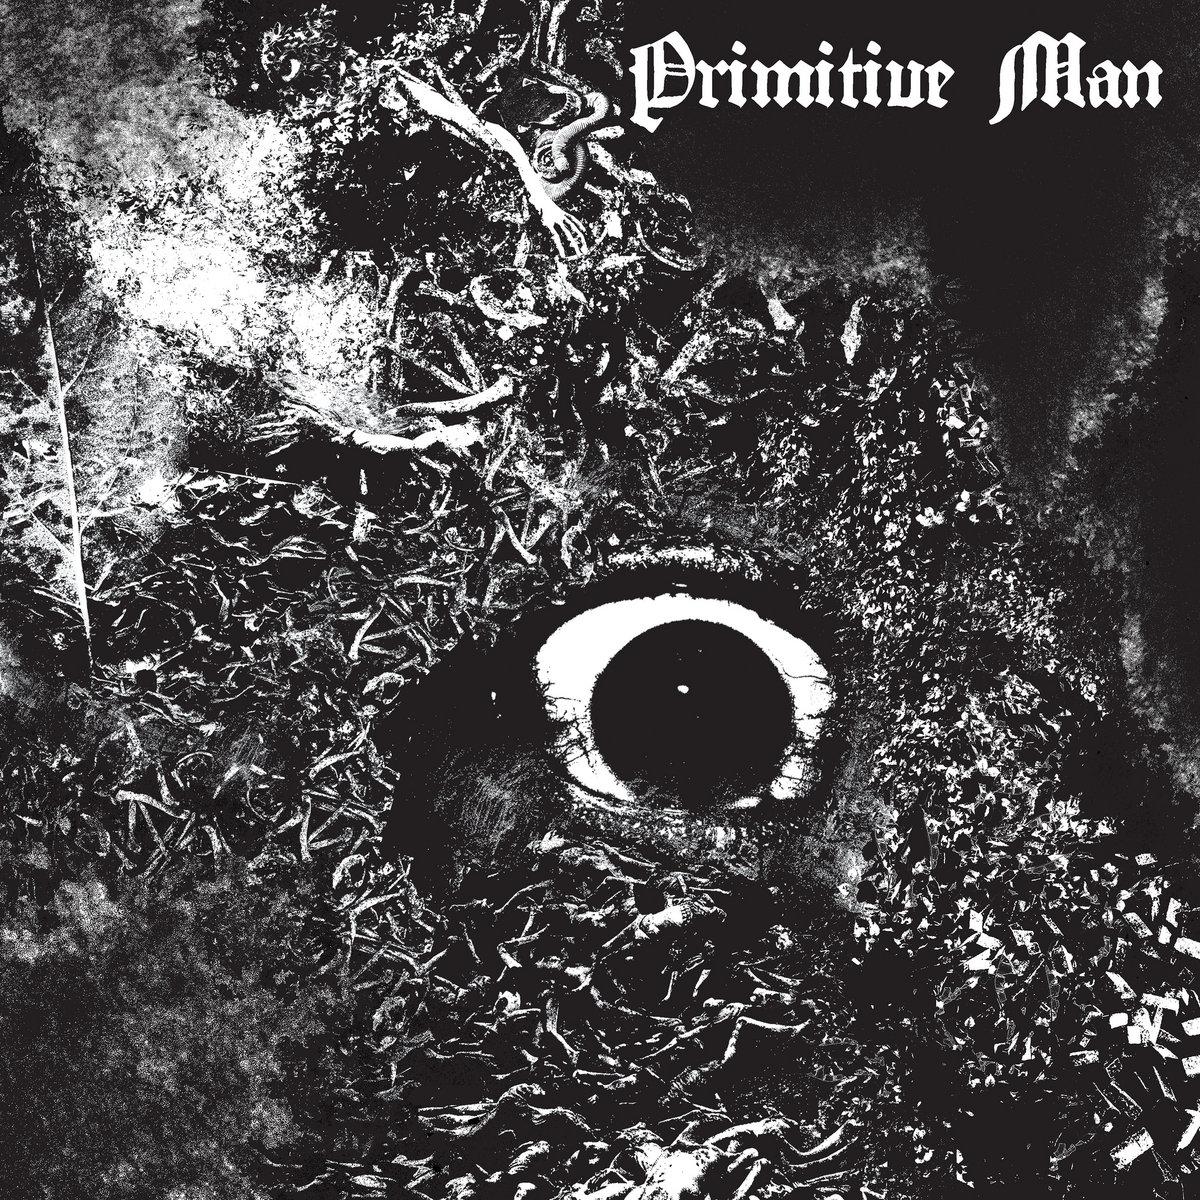 PRIMITIVE MAN dévoile le clip vidéo de la nouvelle chanson «Entity»